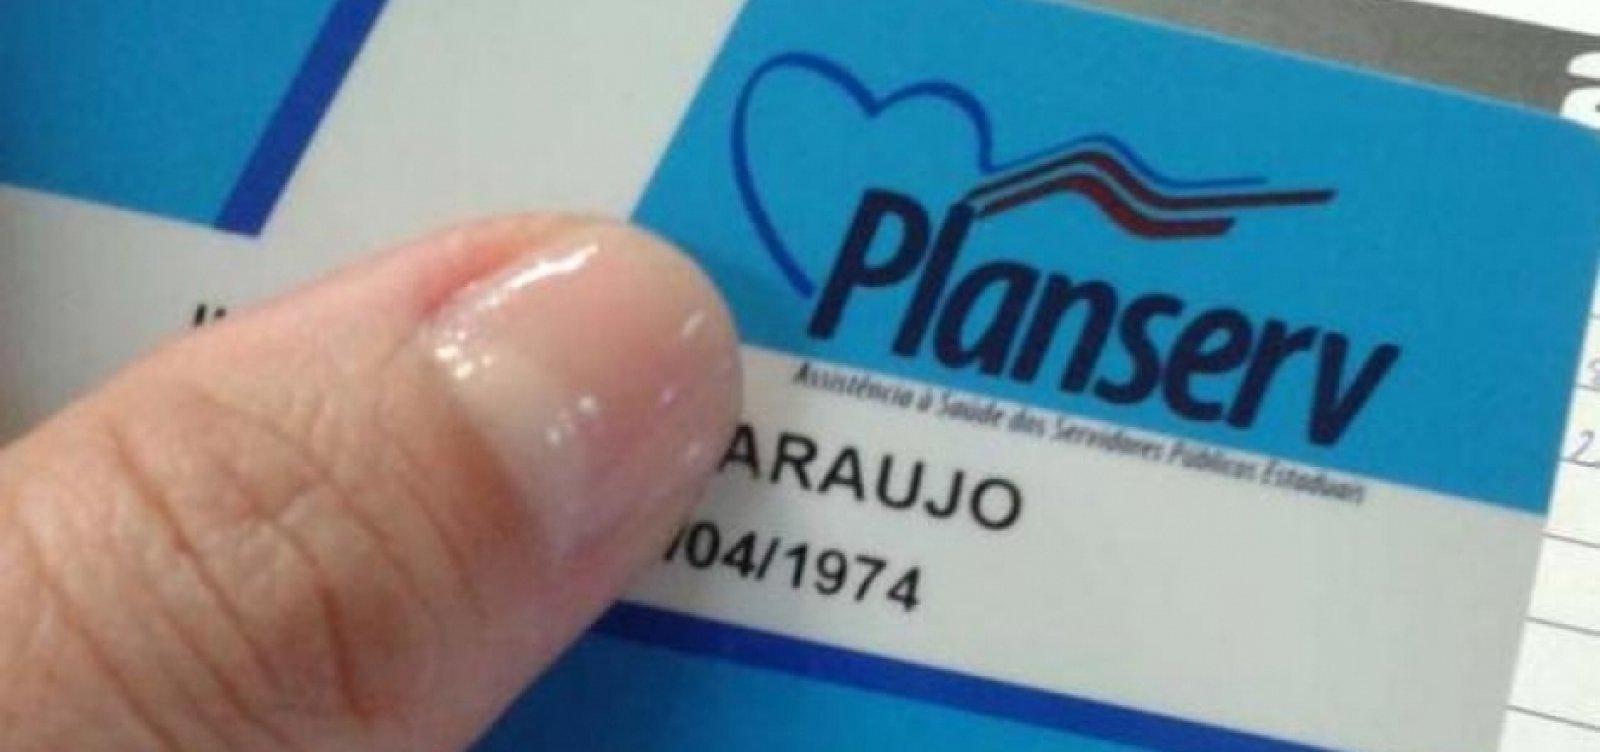 [Coronavírus: Planserv inaugura central de informações e orientações a beneficiários]